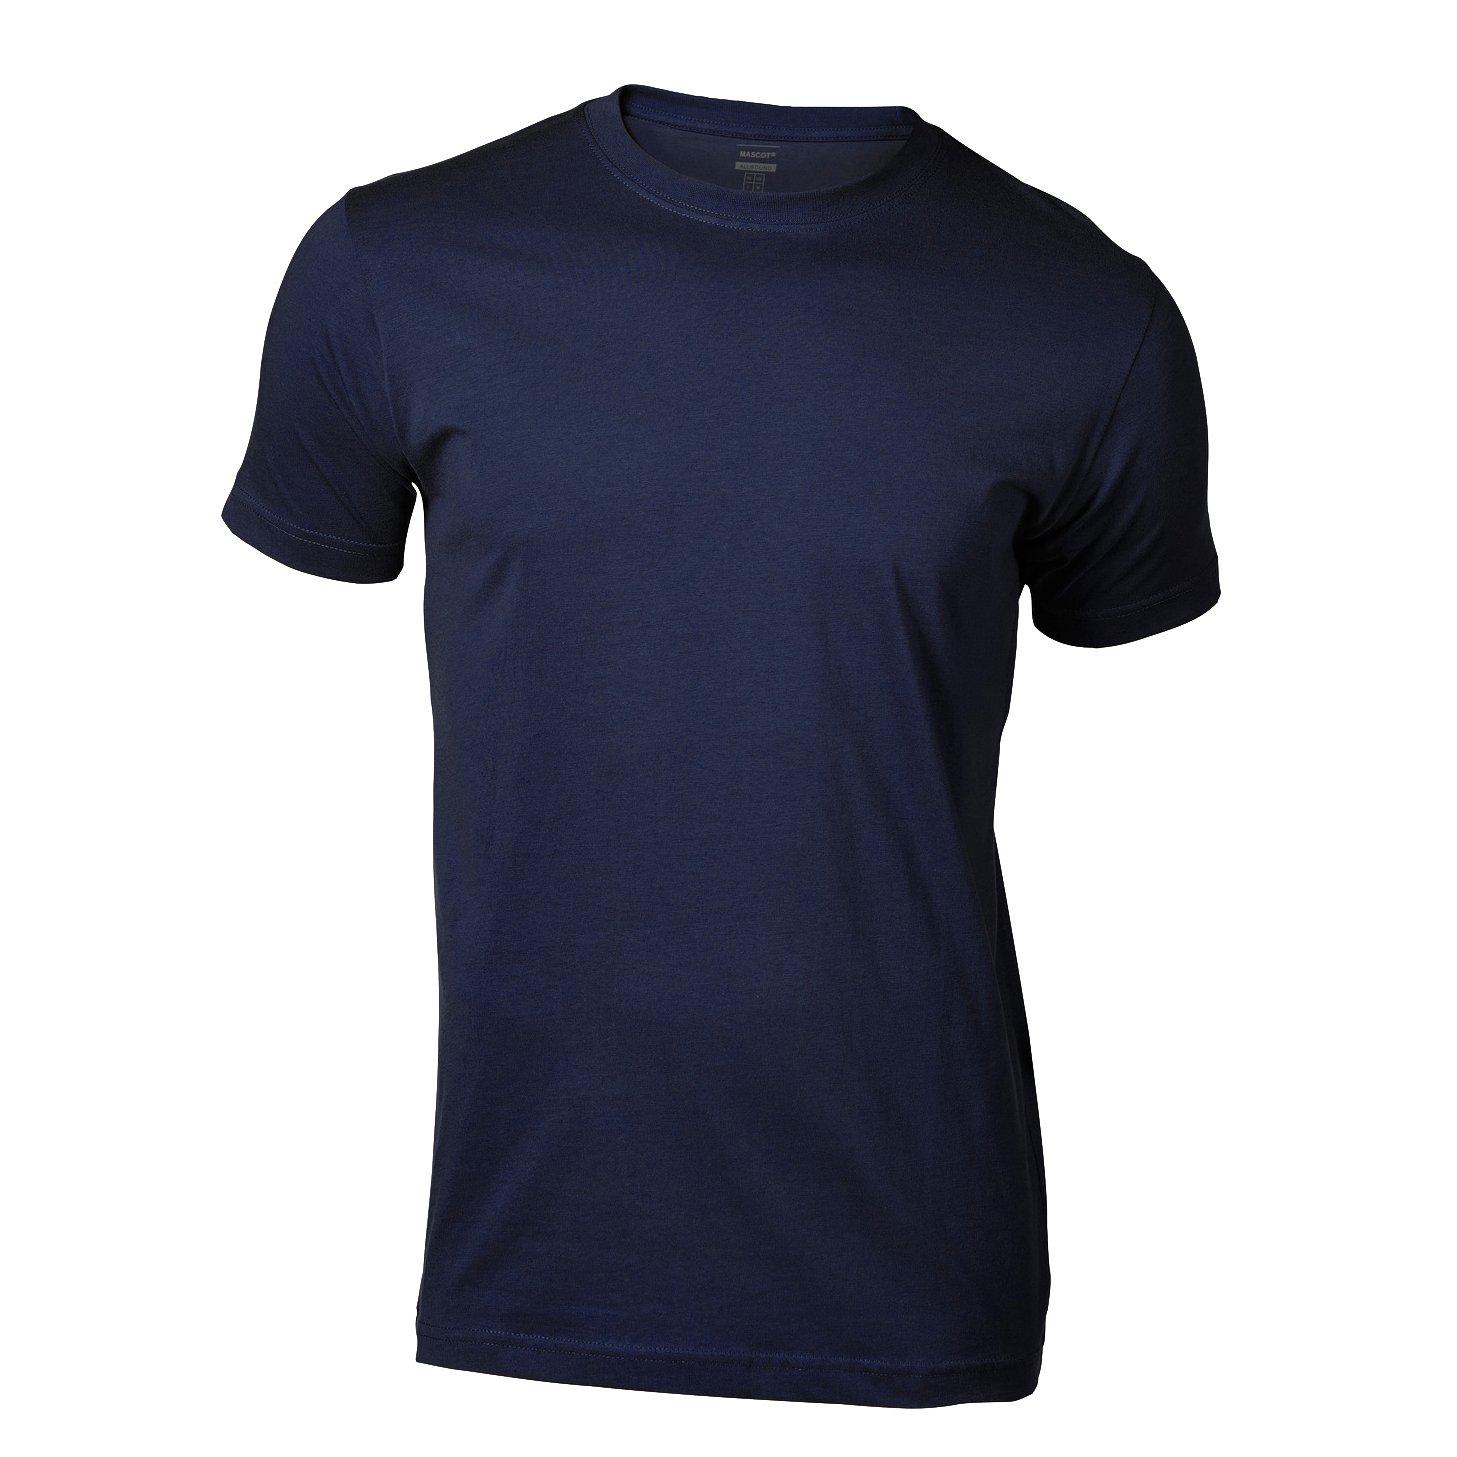 Mascot 51605-954-010-XL T-Shirt MacMichael Arica Grö ß e XL in schwarz/blau